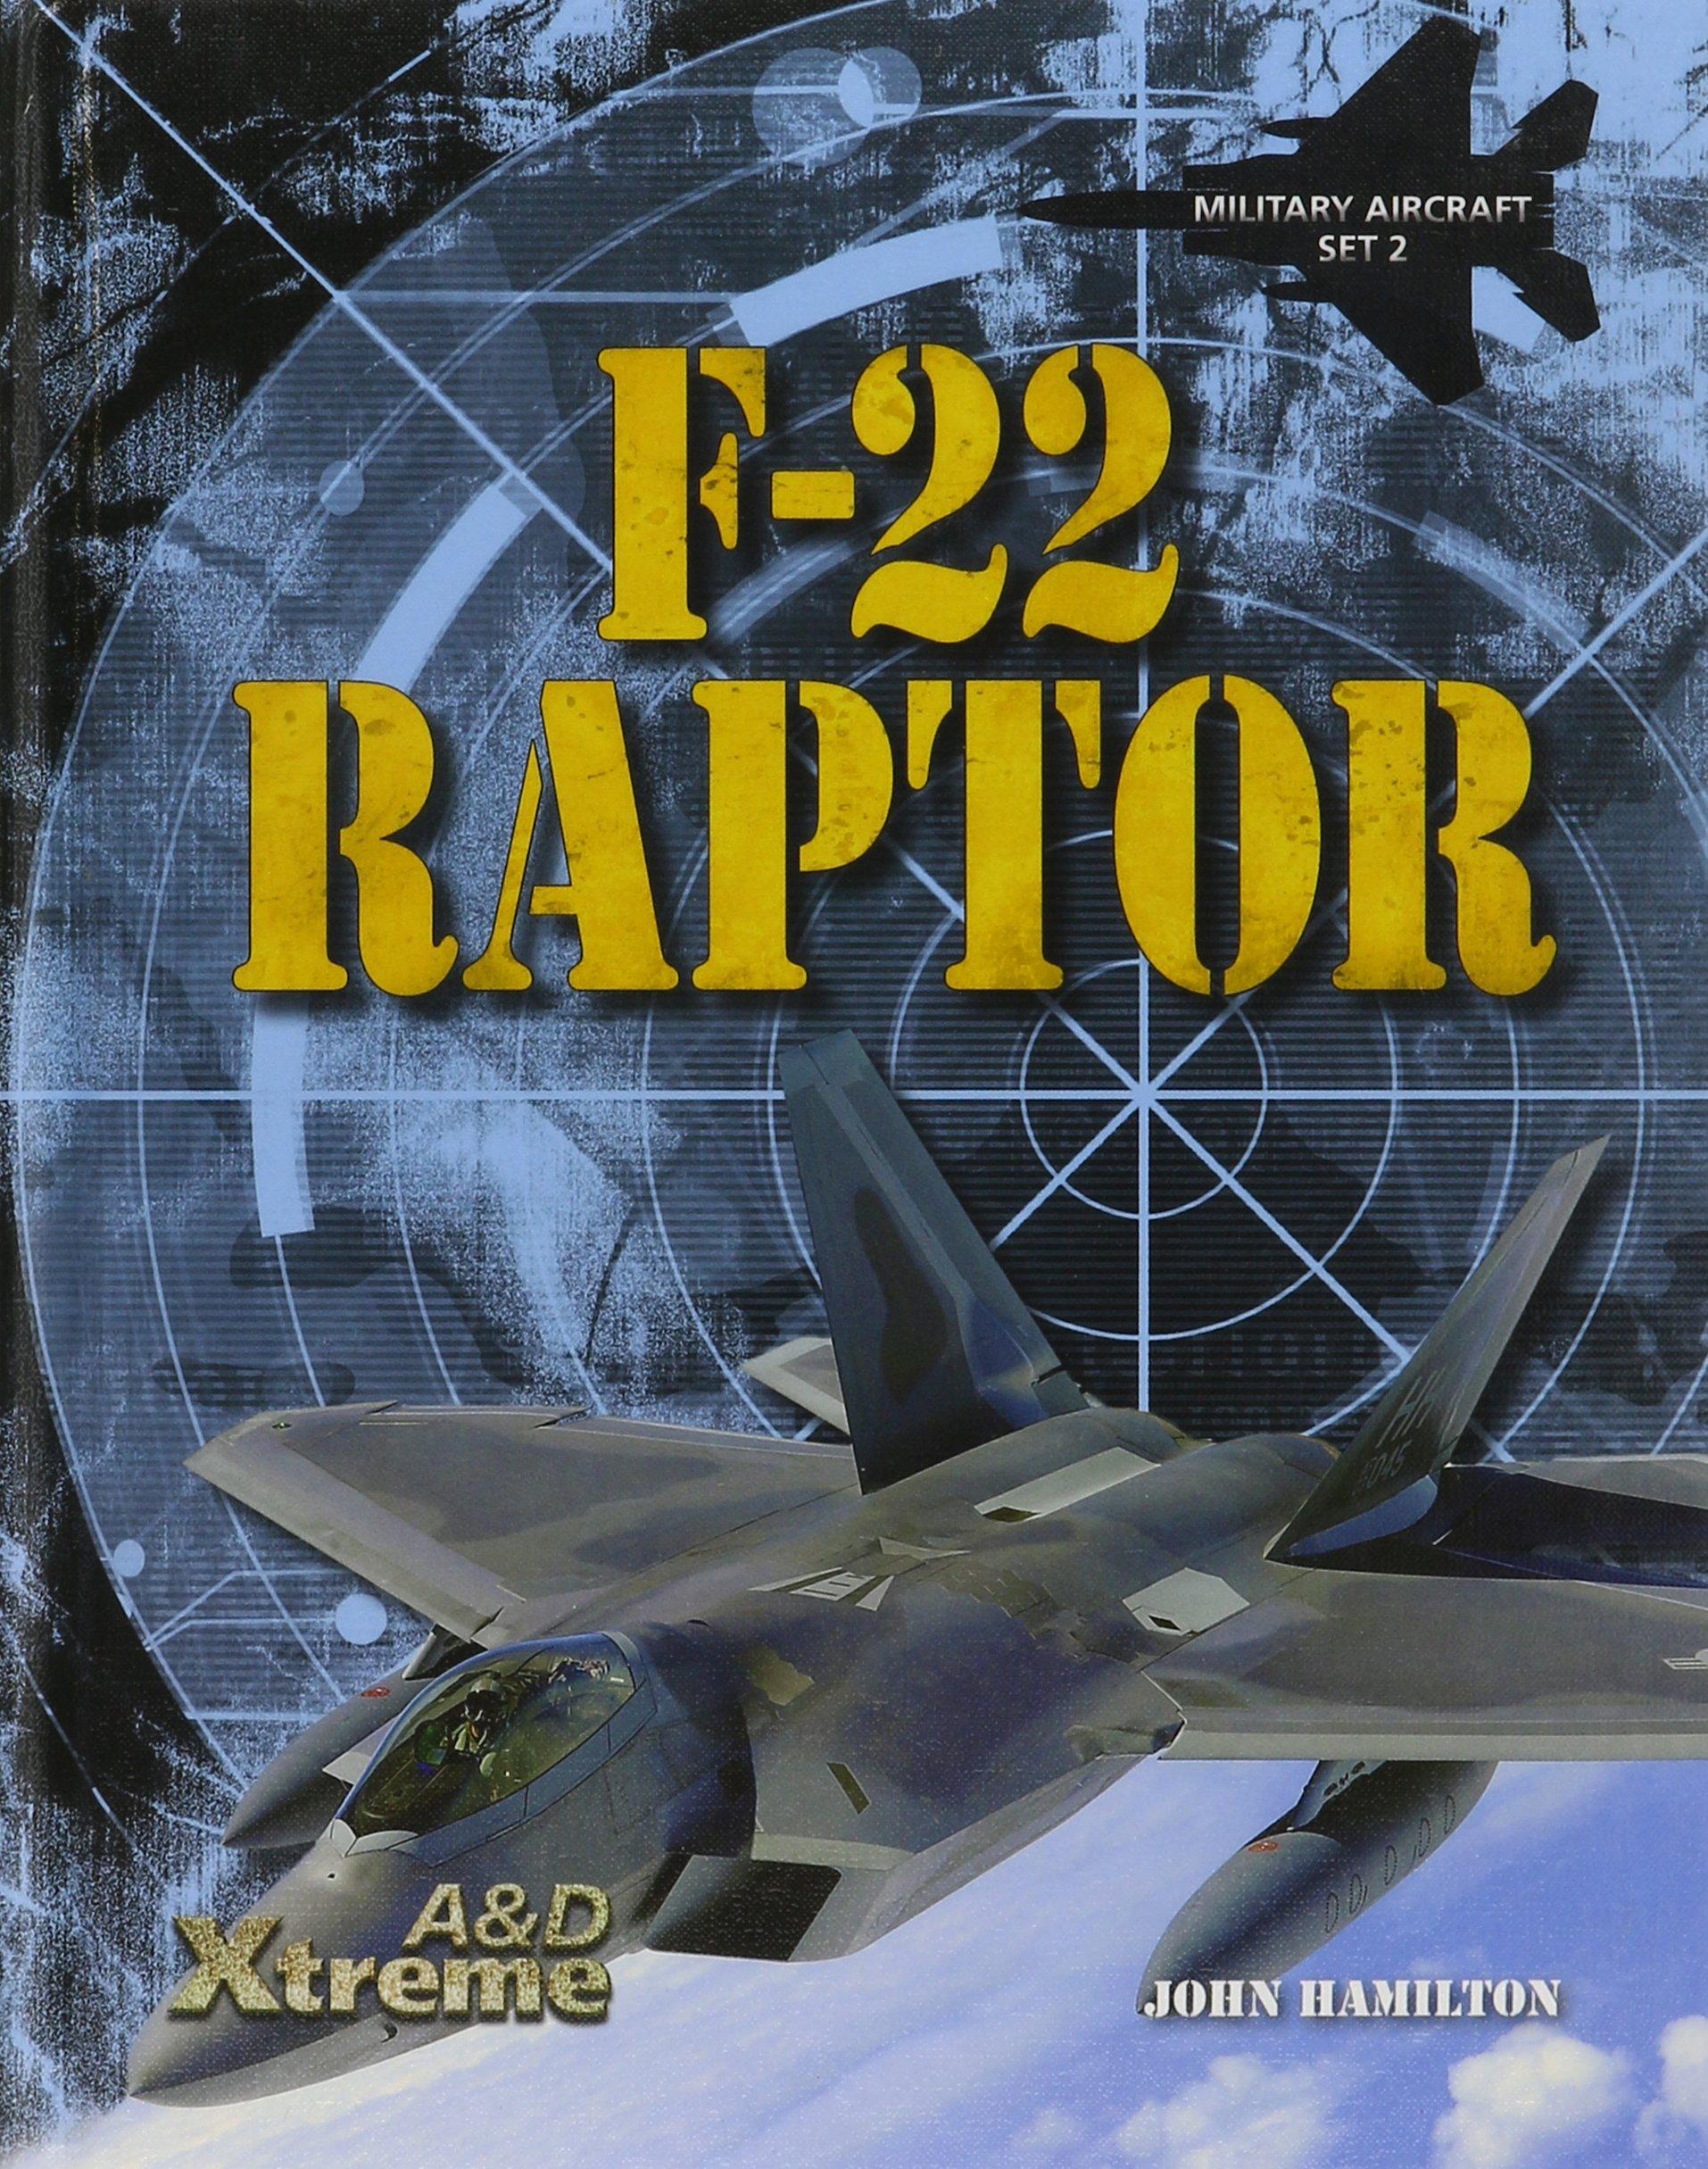 F-22 Raptor (Military Aircraft, Set 2) pdf epub